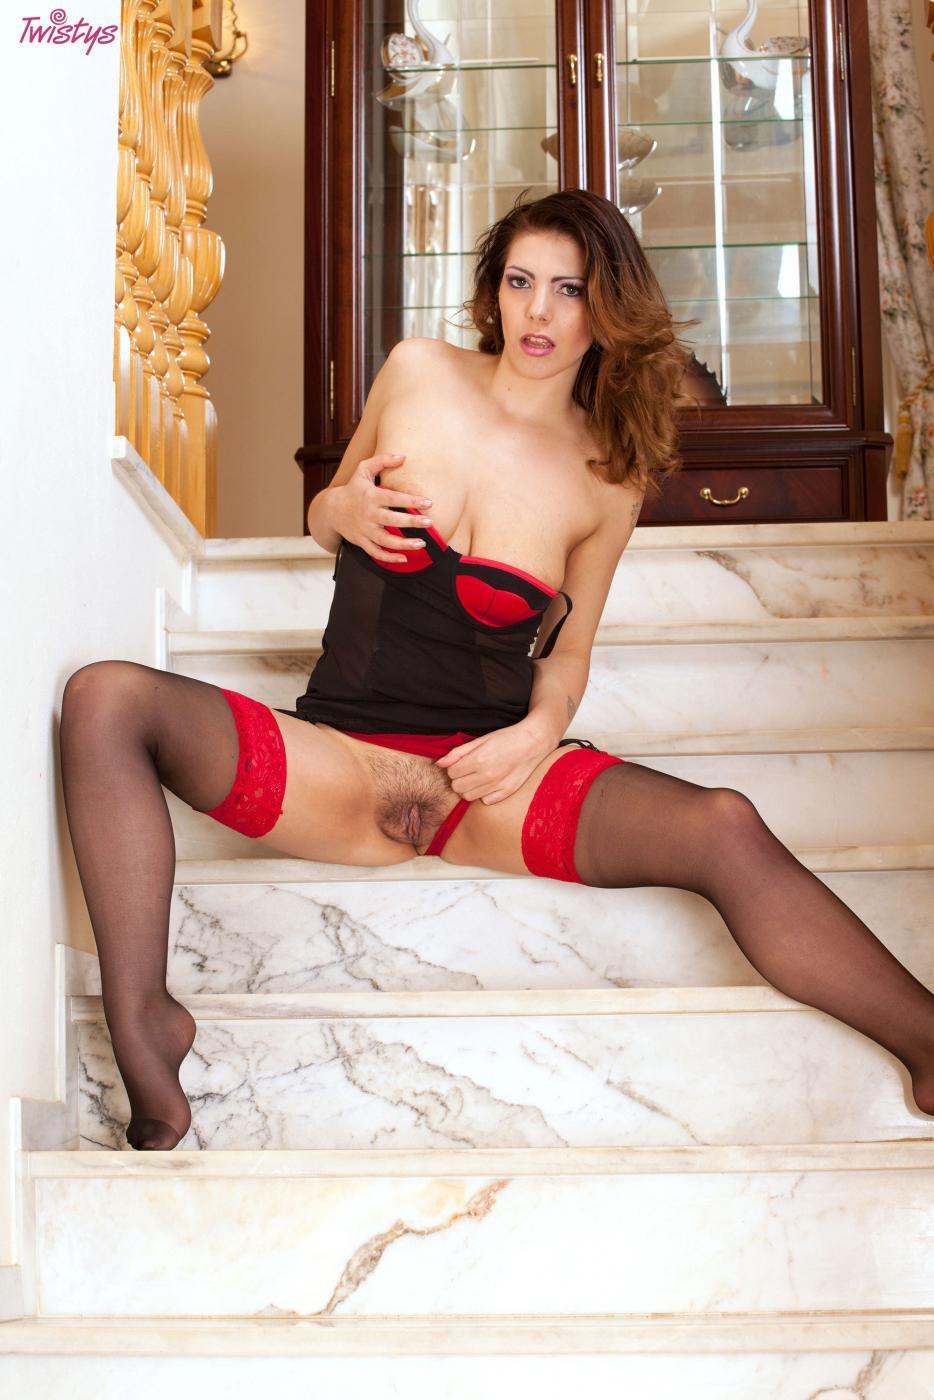 Малышка Yasmin Fields позирует на лестнице и достигает оргазма